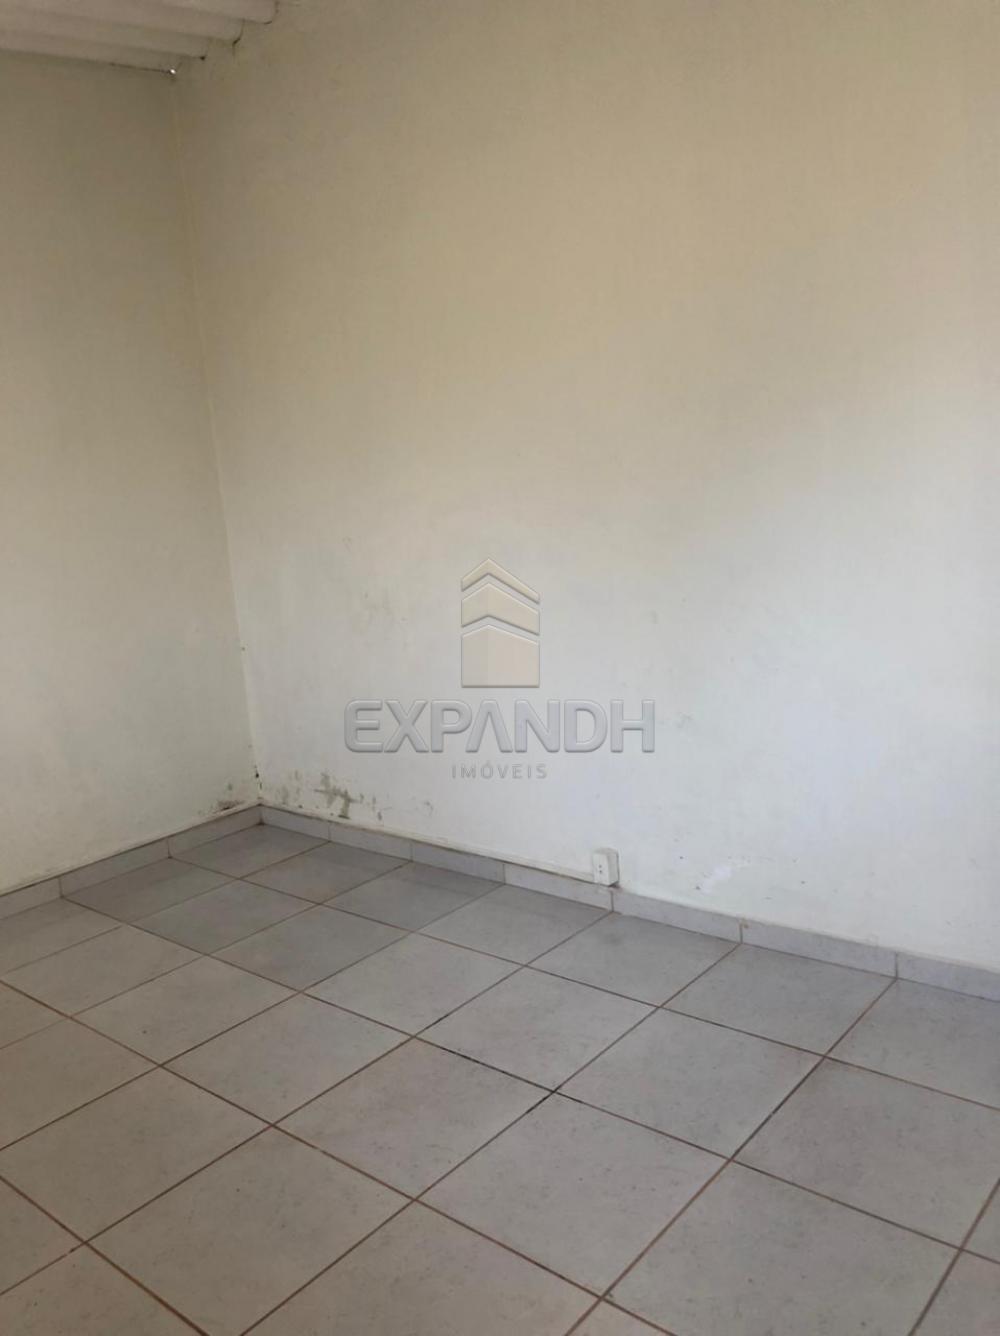 Alugar Casas / Padrão em Sertãozinho R$ 1.500,00 - Foto 14